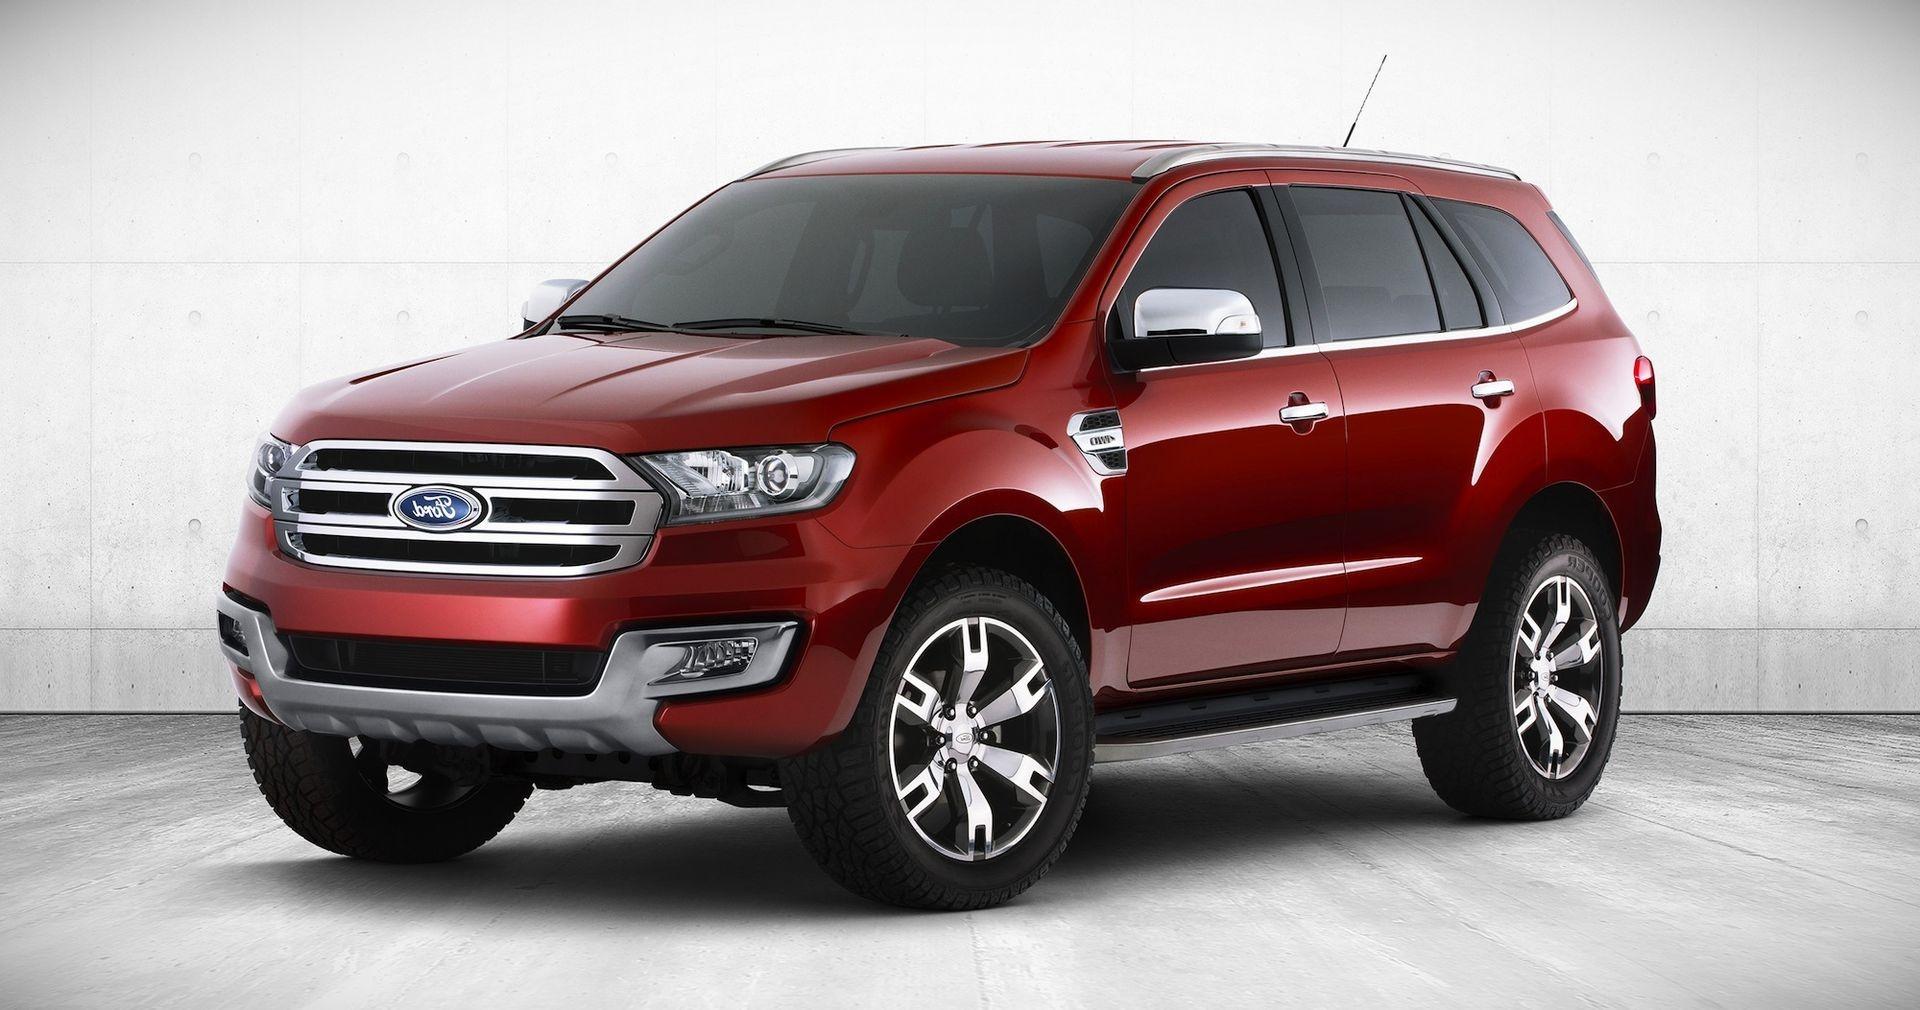 дизельный внедорожник Ford Everest 2018